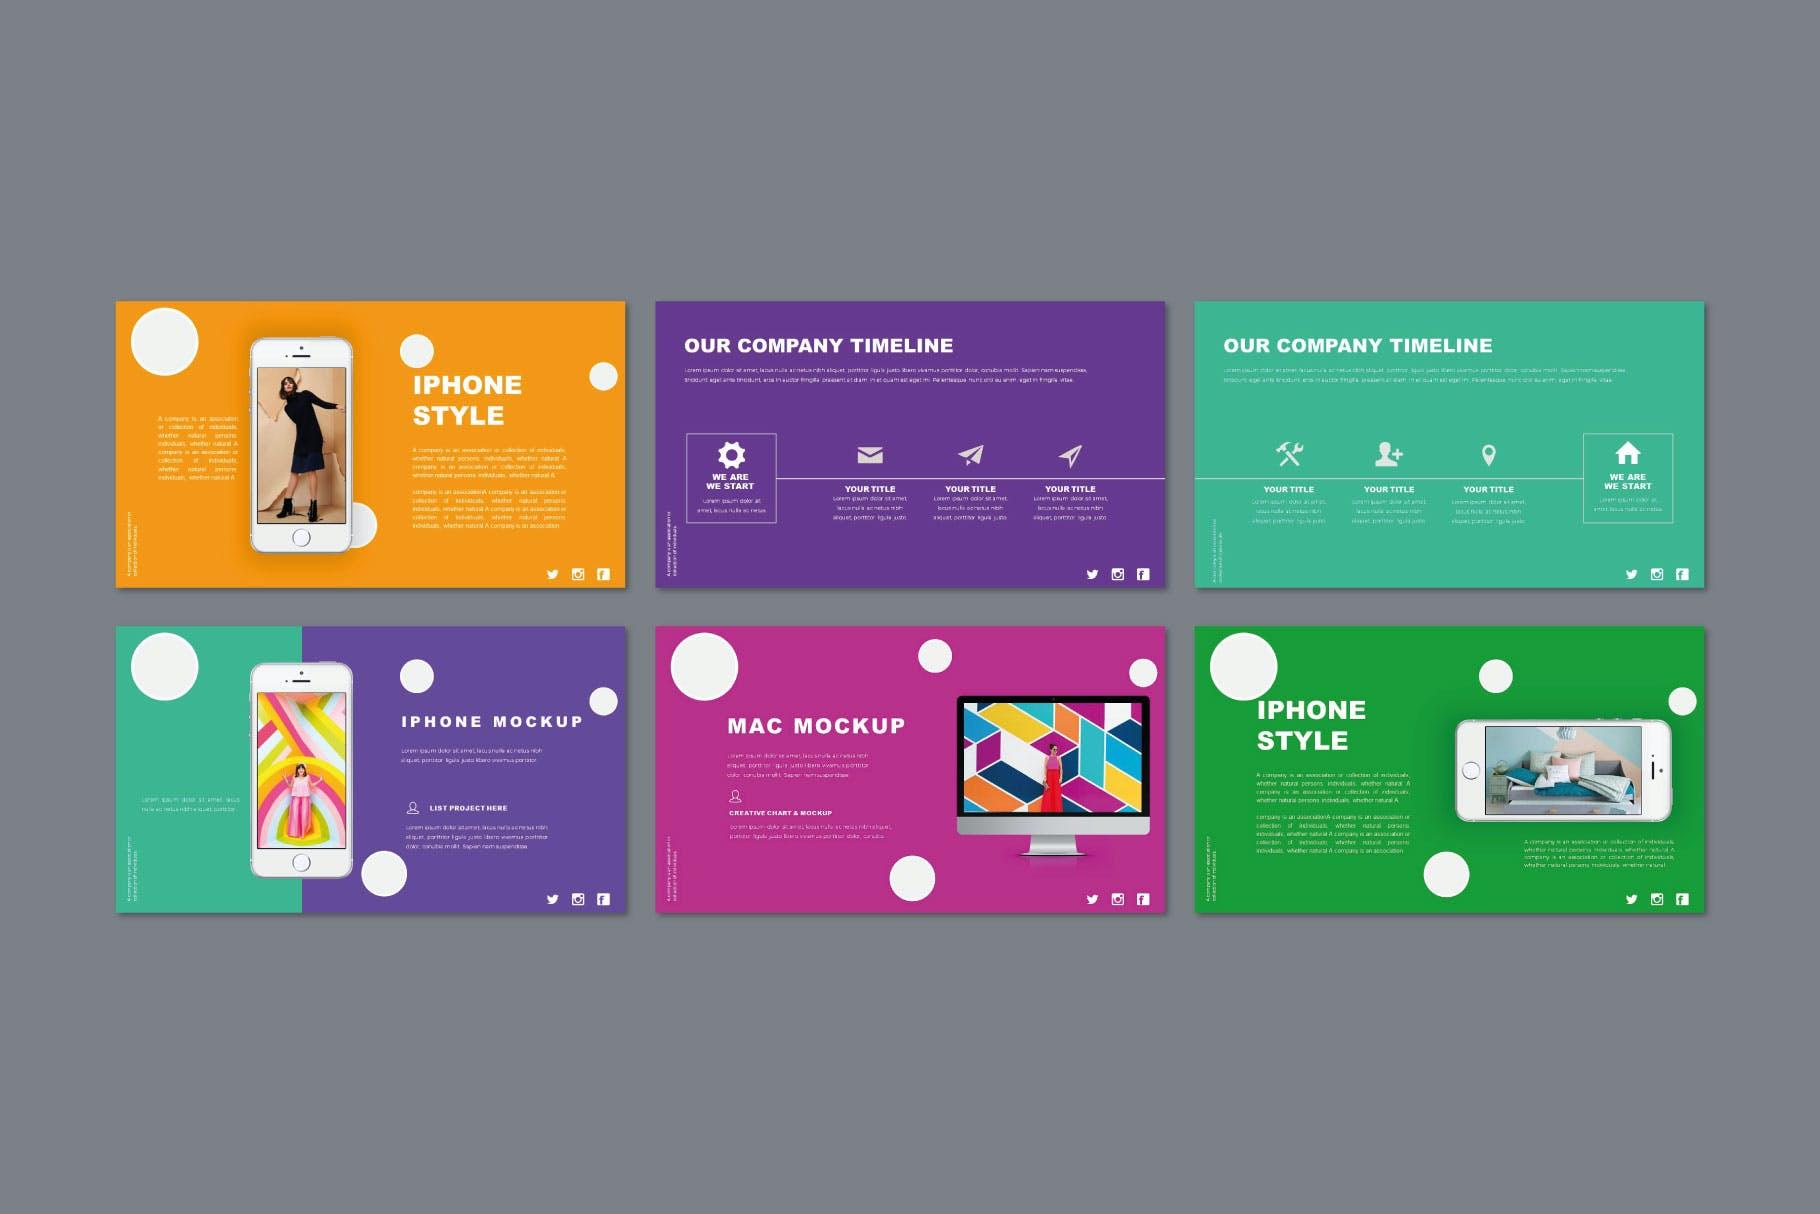 时尚多彩策划案图文排版设计演示文稿模板 Misya – Powerpoint Template插图(8)